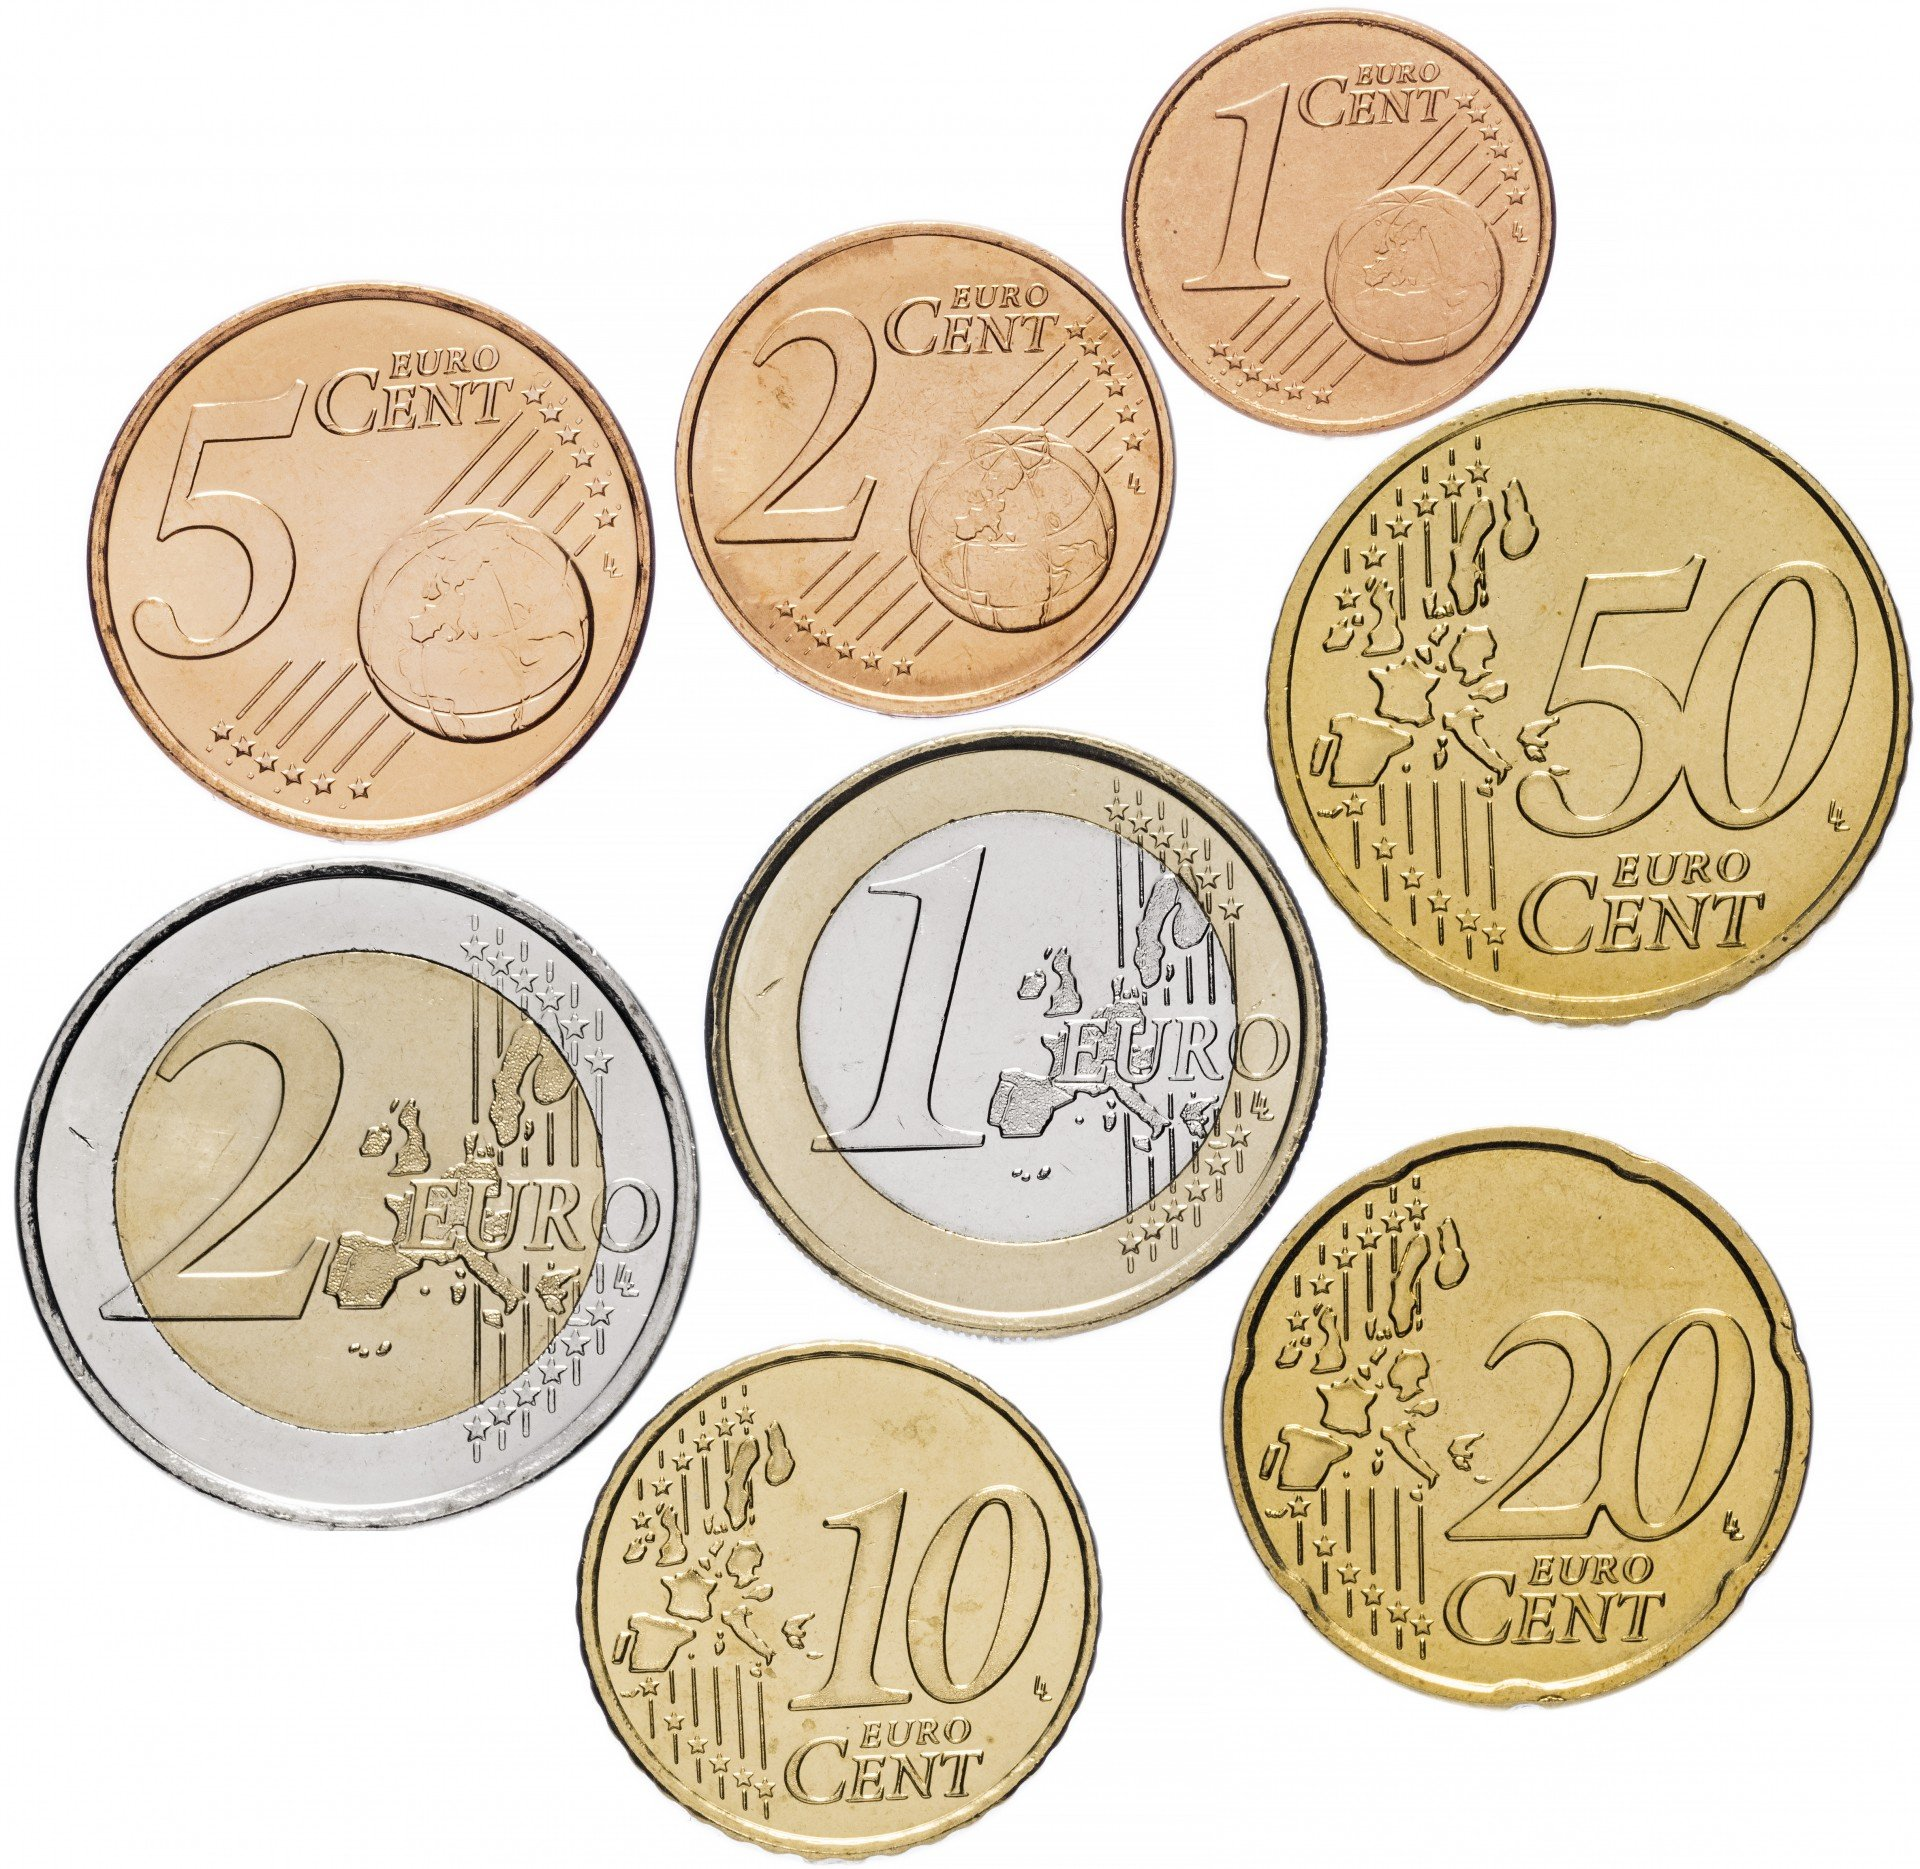 чекли монеты других стран ценные в картинках красный